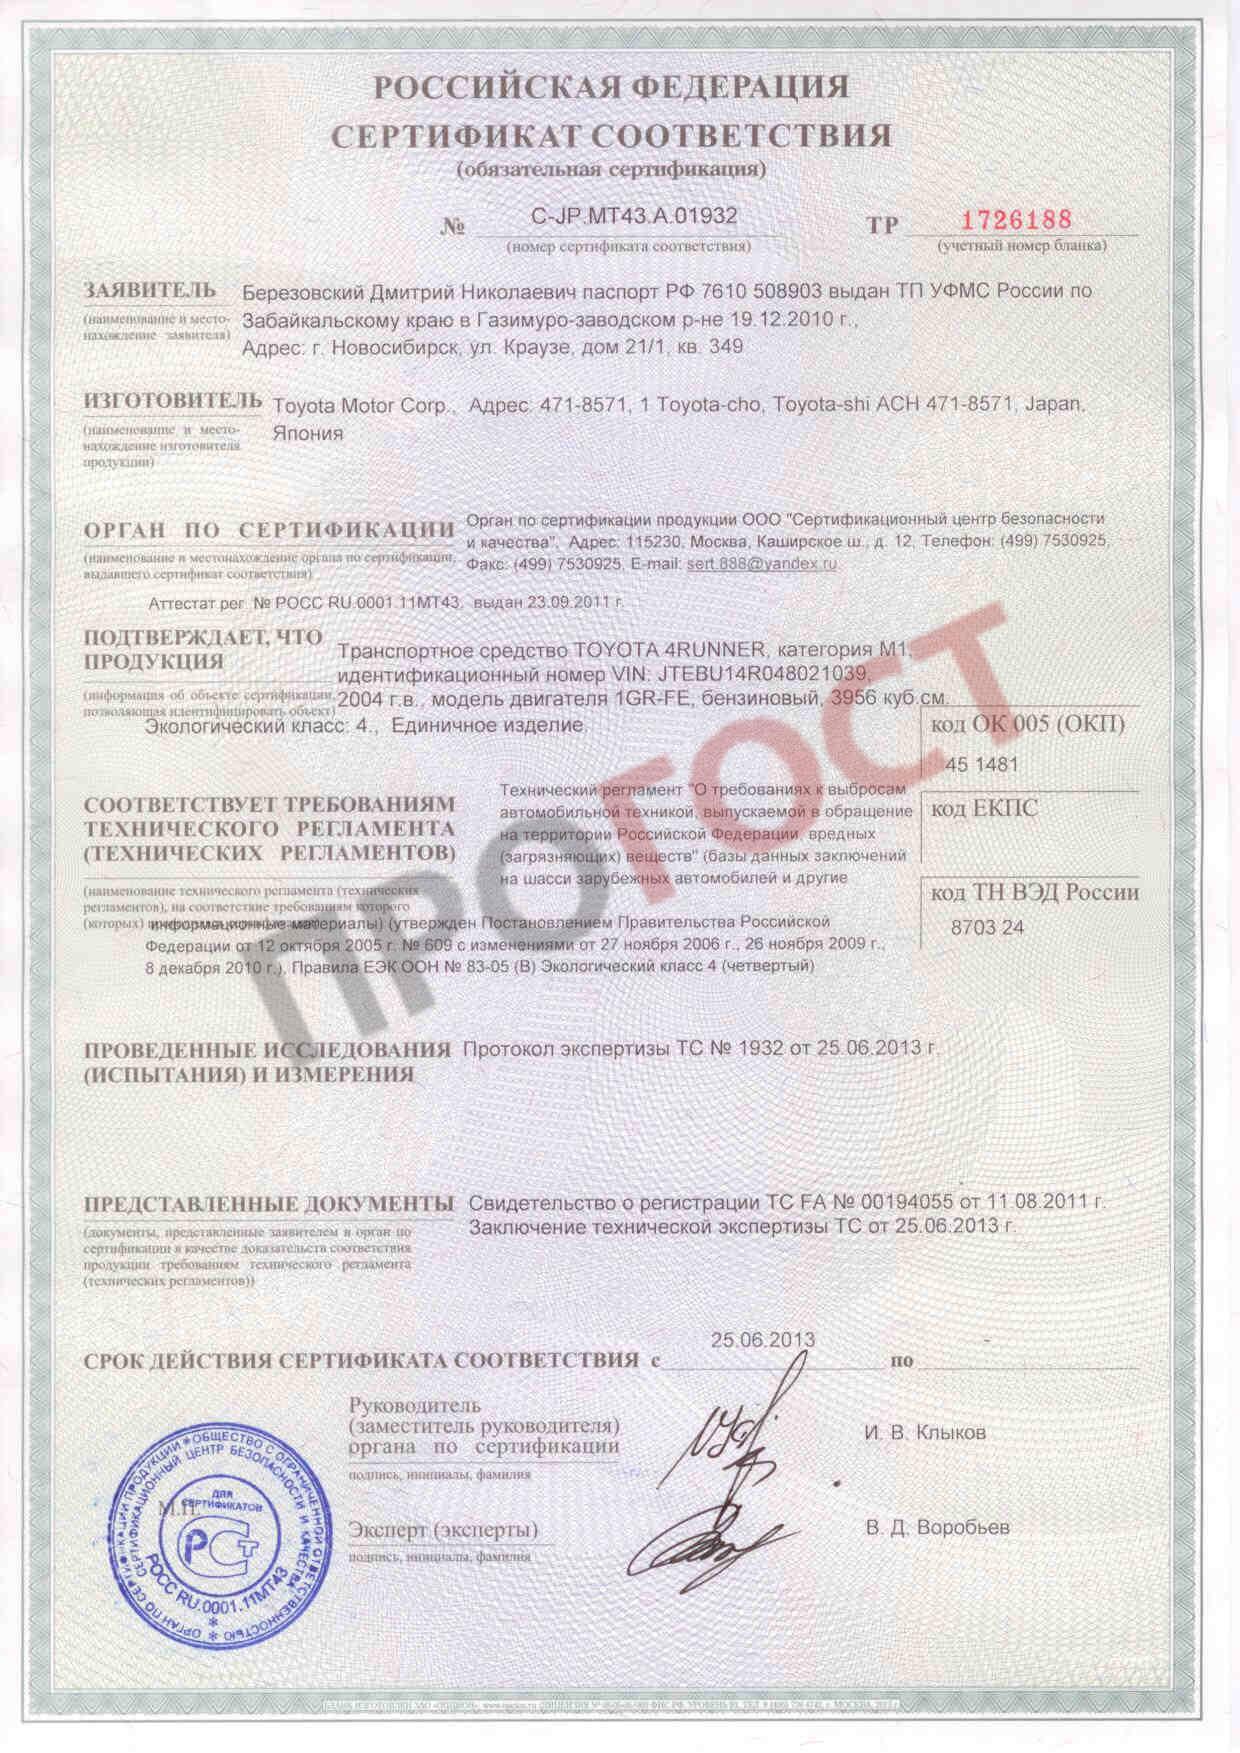 Сертификат ЕВРО